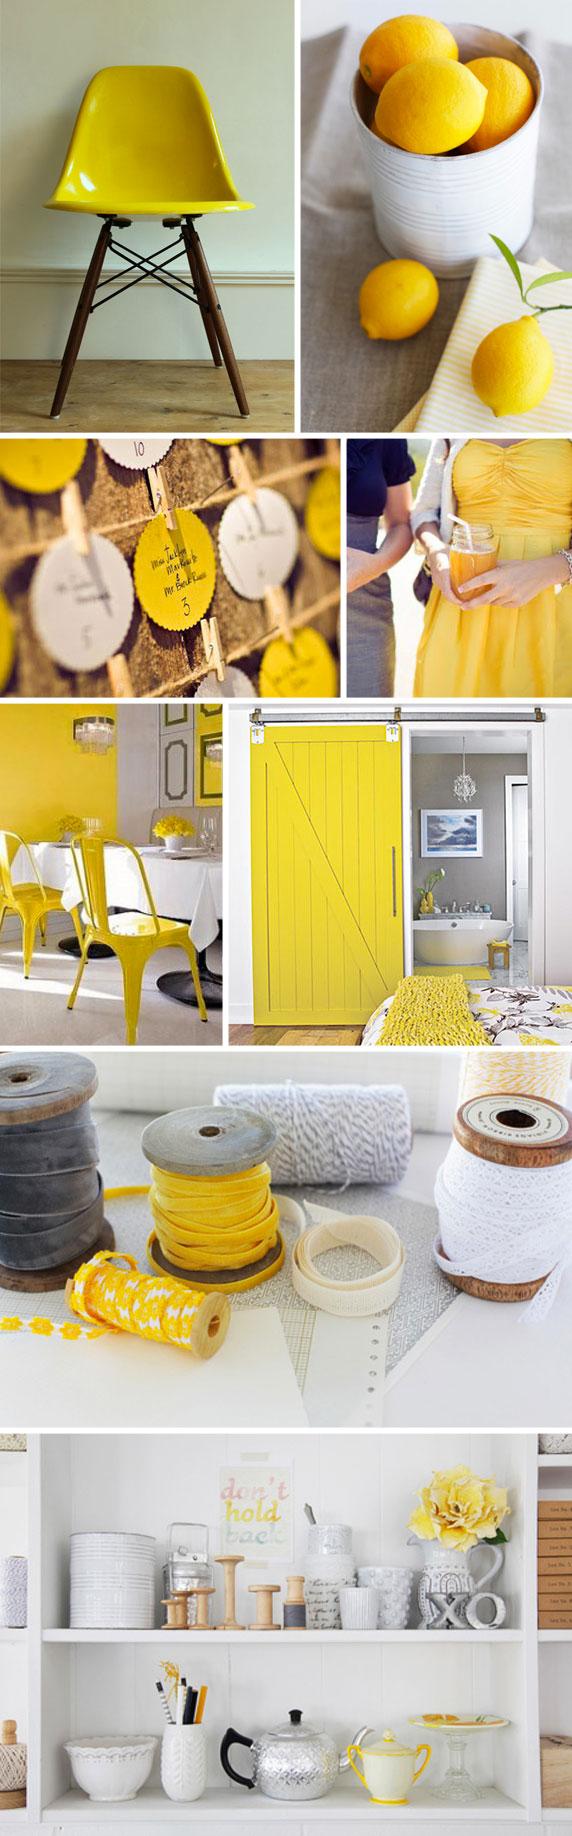 citron & yellow against white